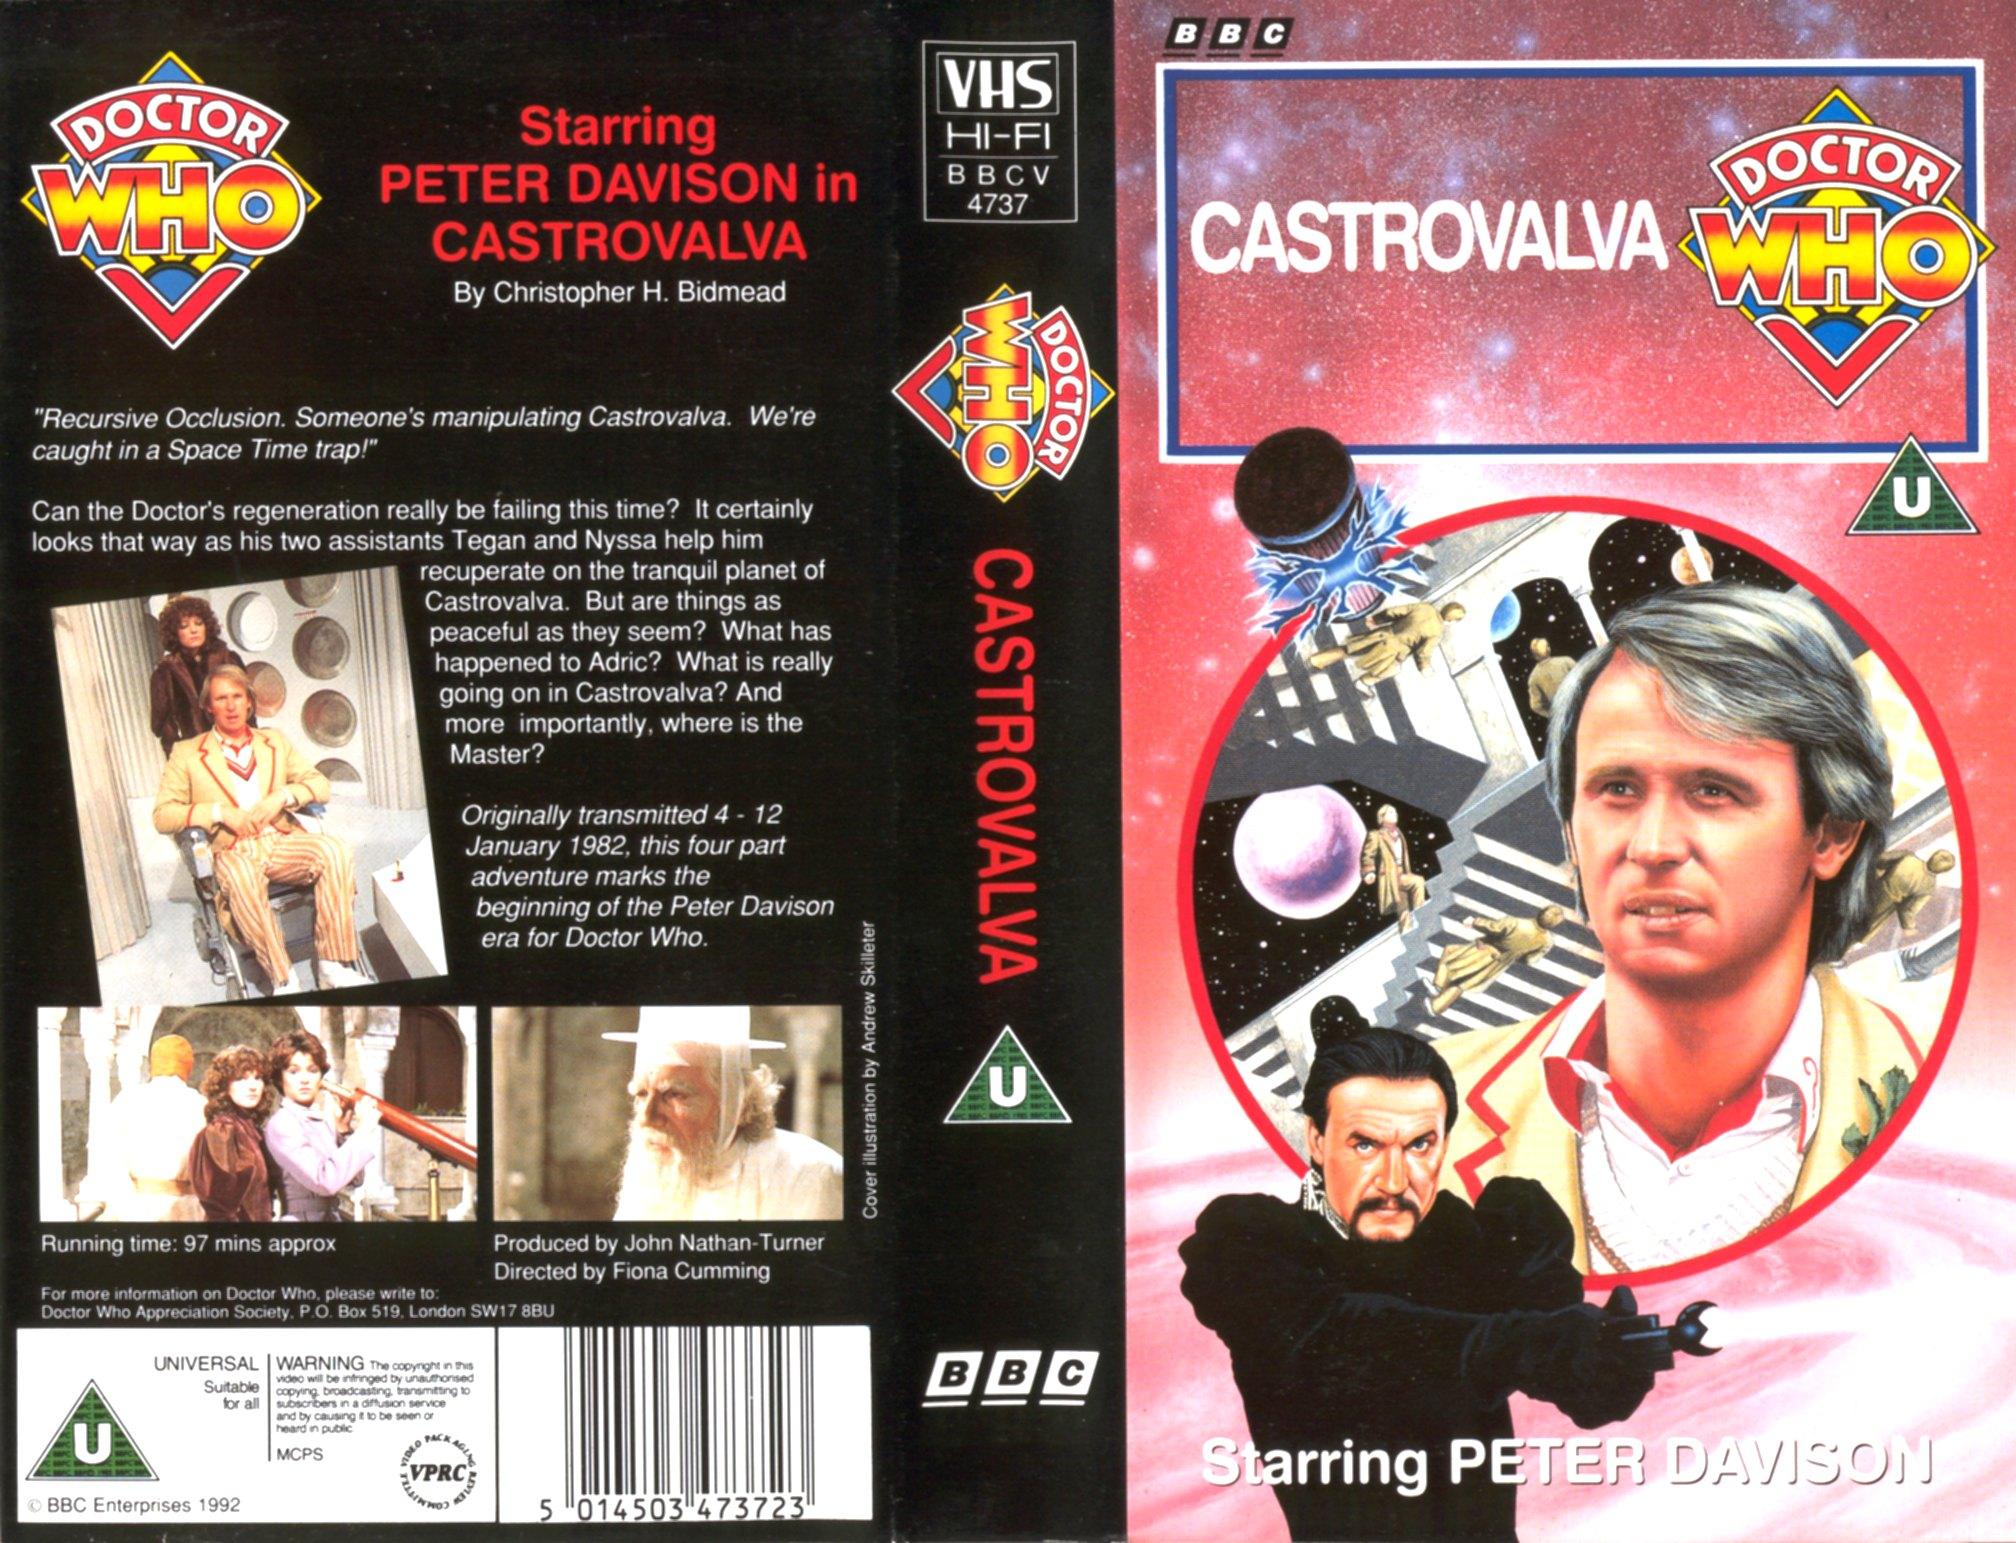 Castrovalva VHS